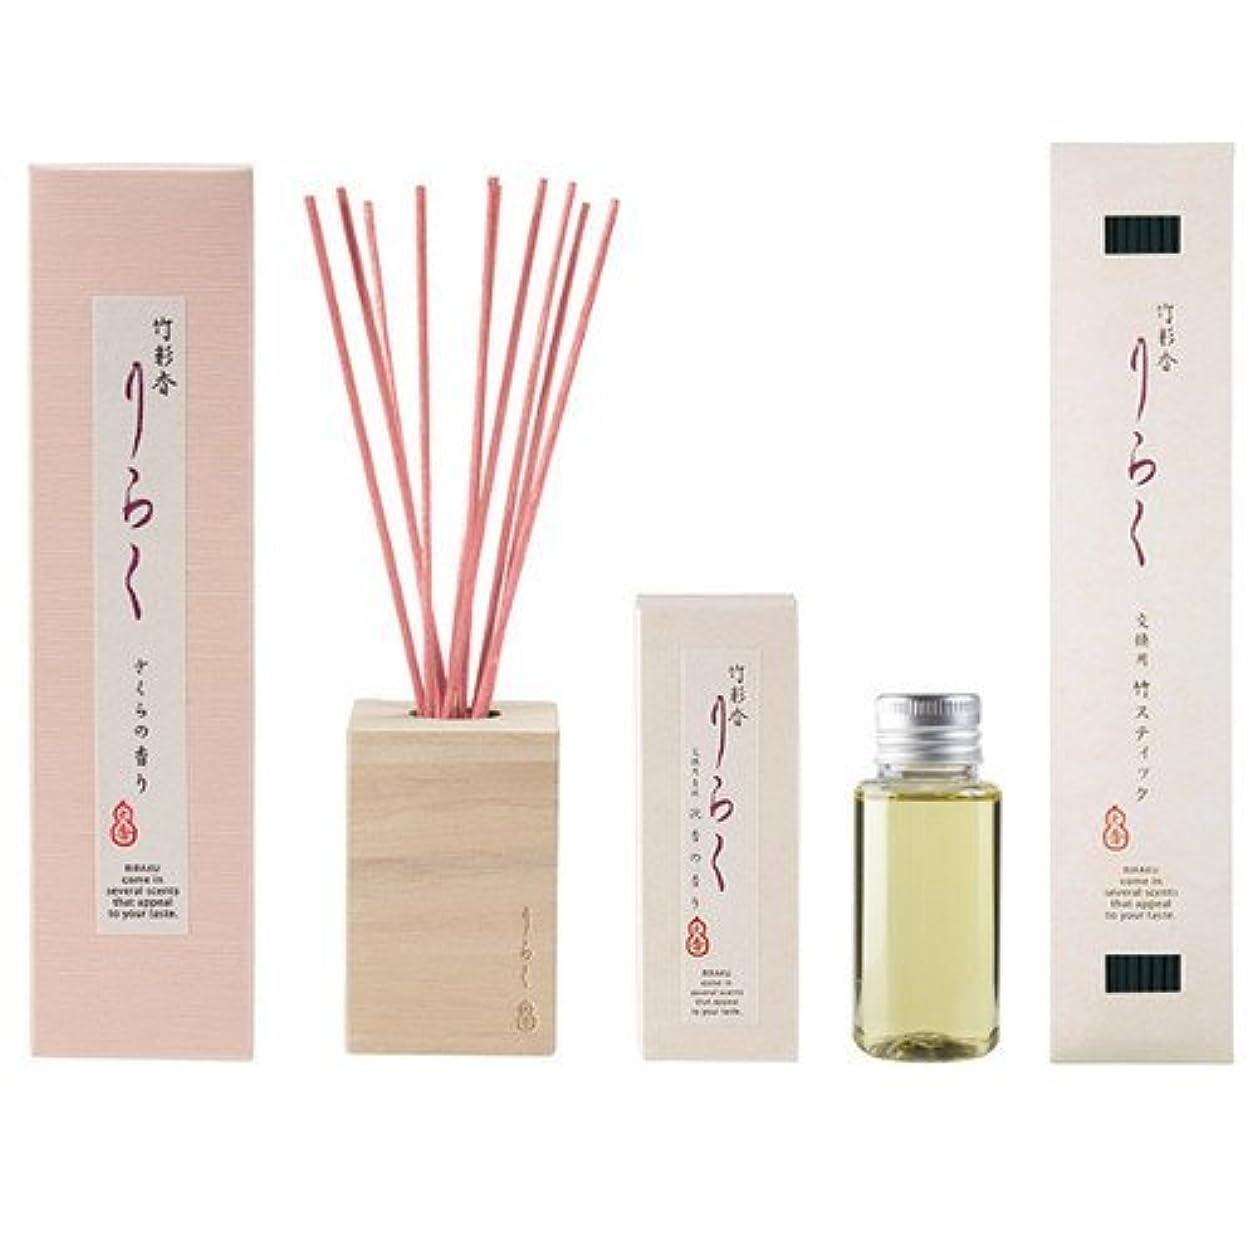 ぬれたおしゃれじゃないラブ大香 竹彩香 りらく さくら 50ml と 交換用 さくら、交換用竹スティック さくらの色 セット